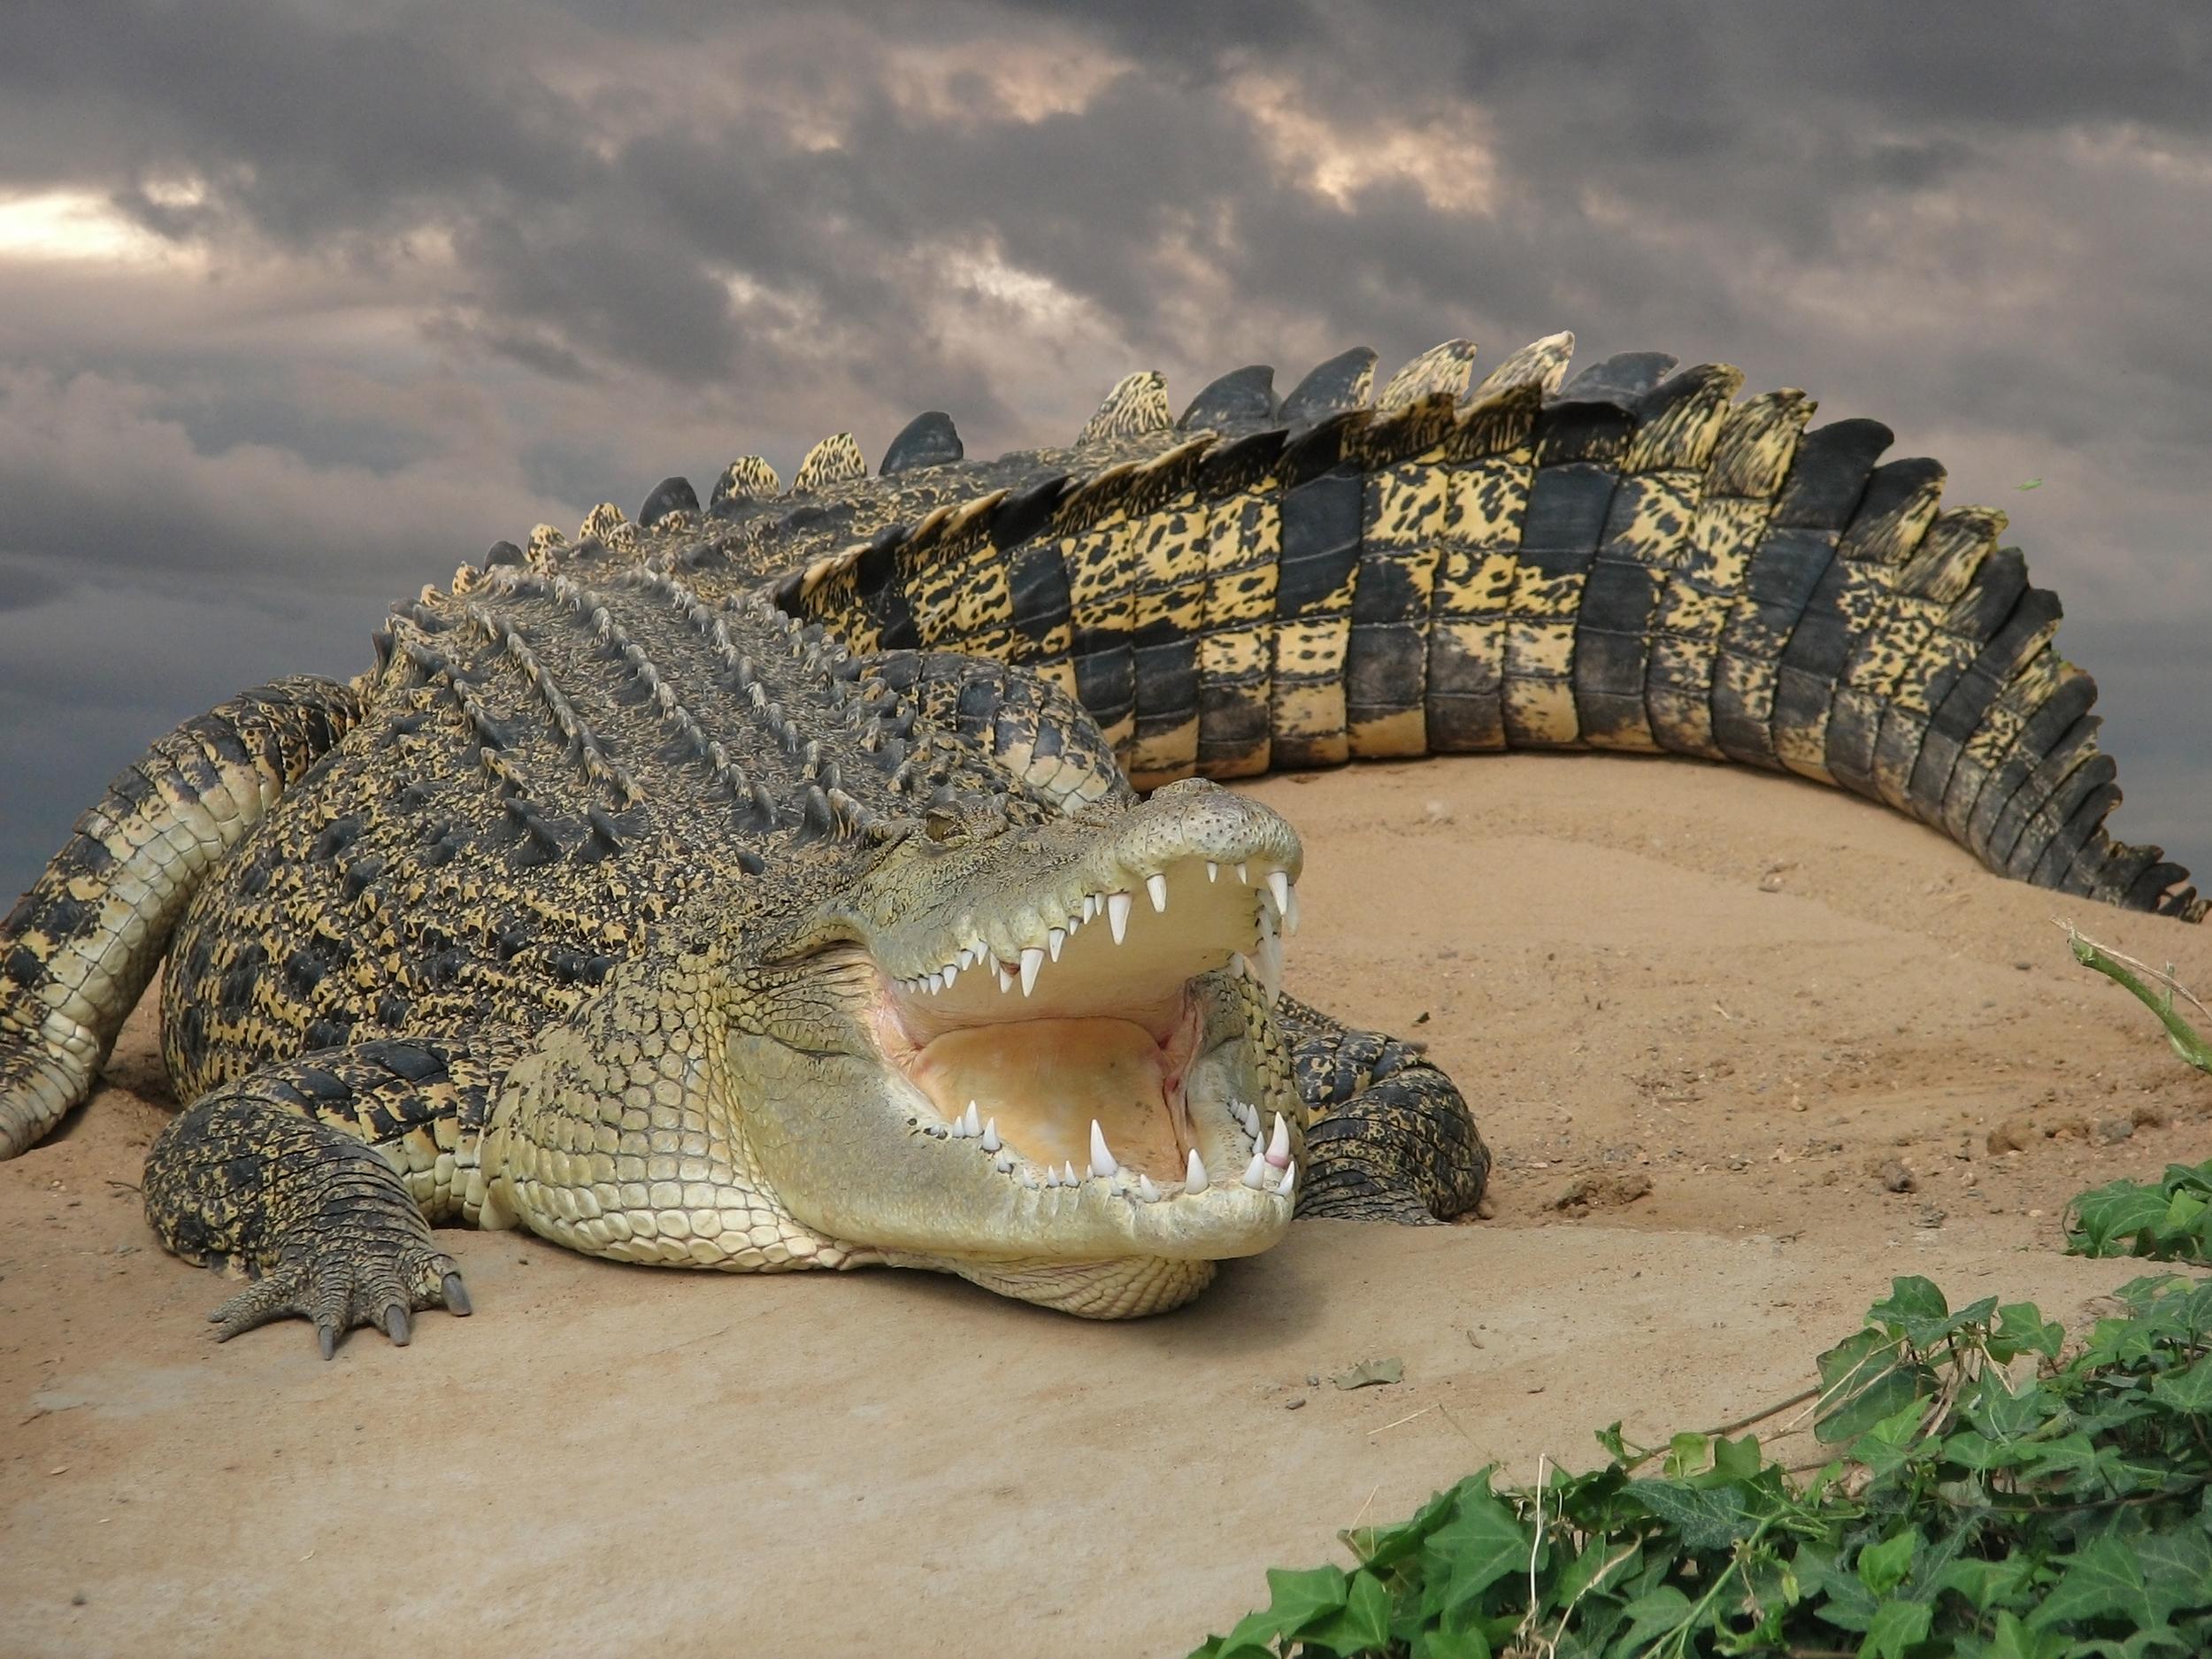 invite-to-paradise-sri-lanka-honeymoon-holiday-wildlife-safari-crocodile.jpg